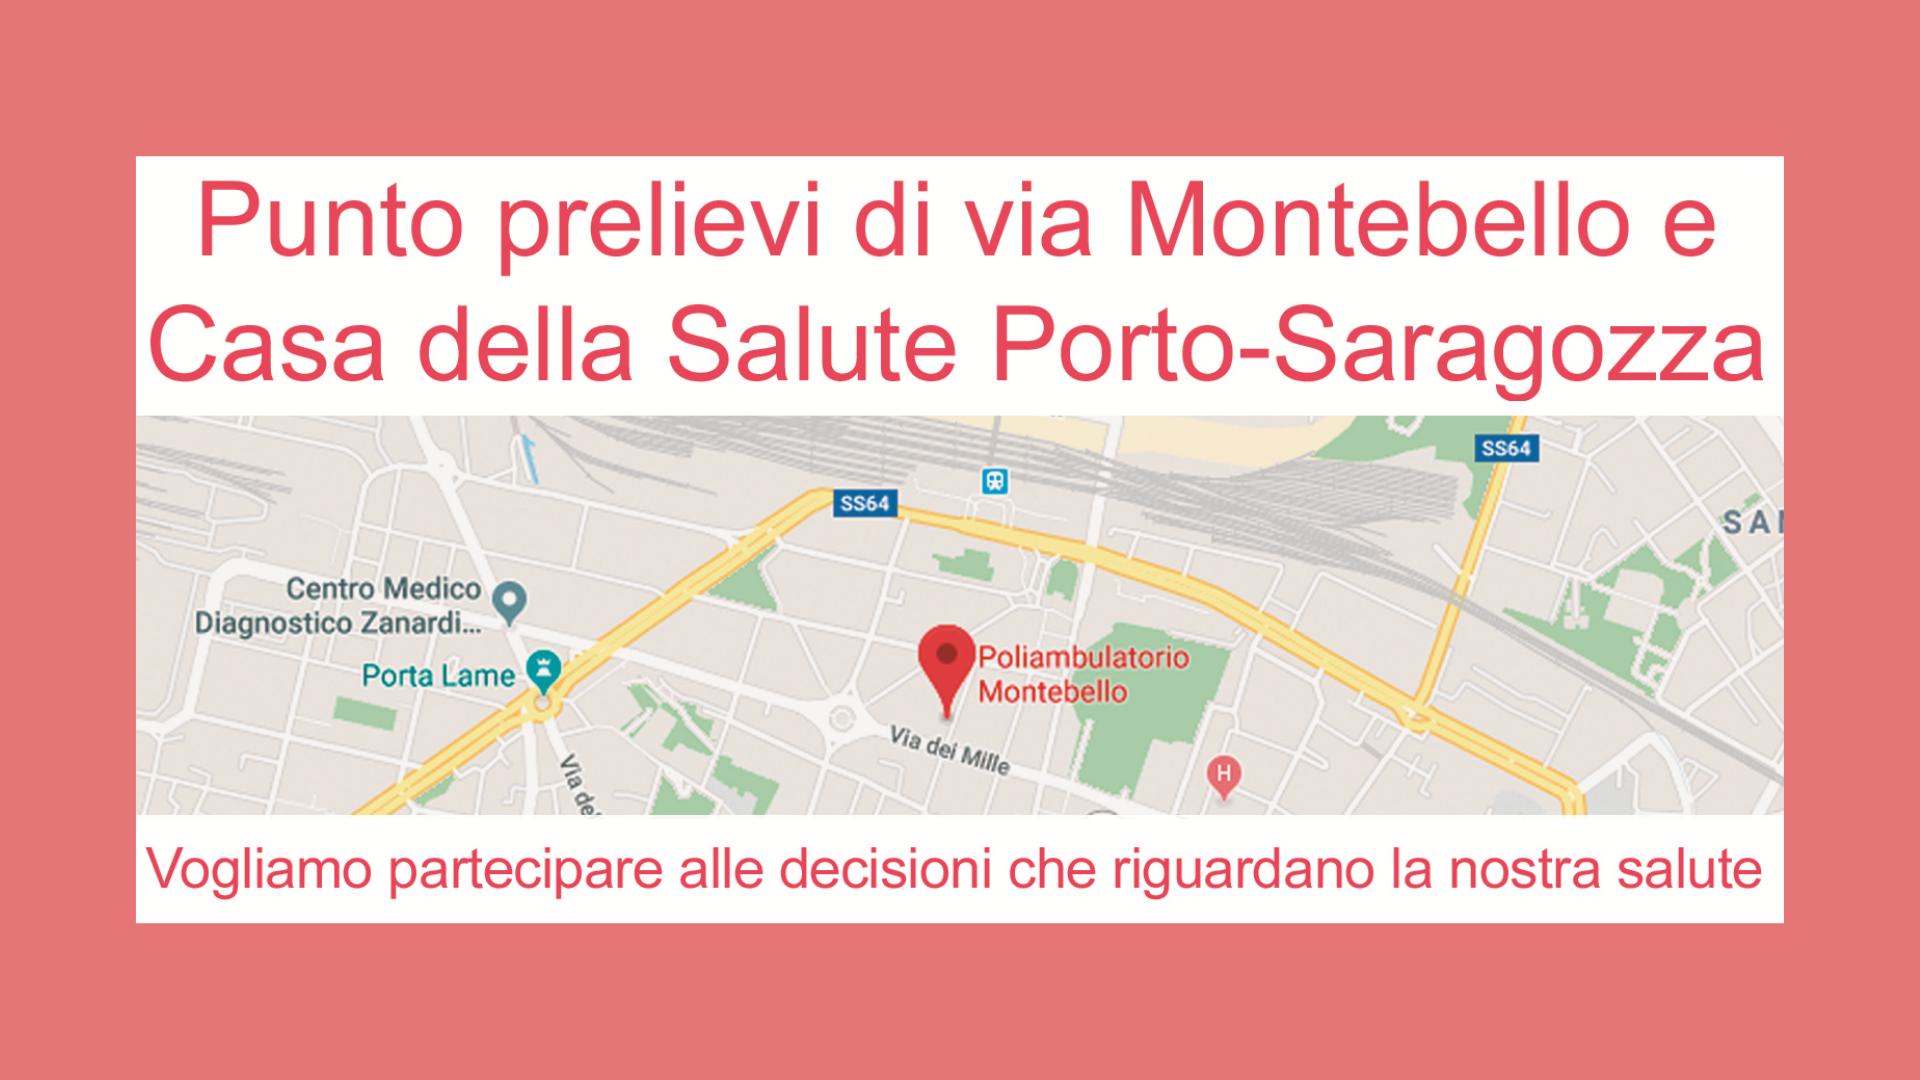 Consiglio aperto su Casa della Salute del Quartiere Porto-Saragozza e poliambulatorio Montebello